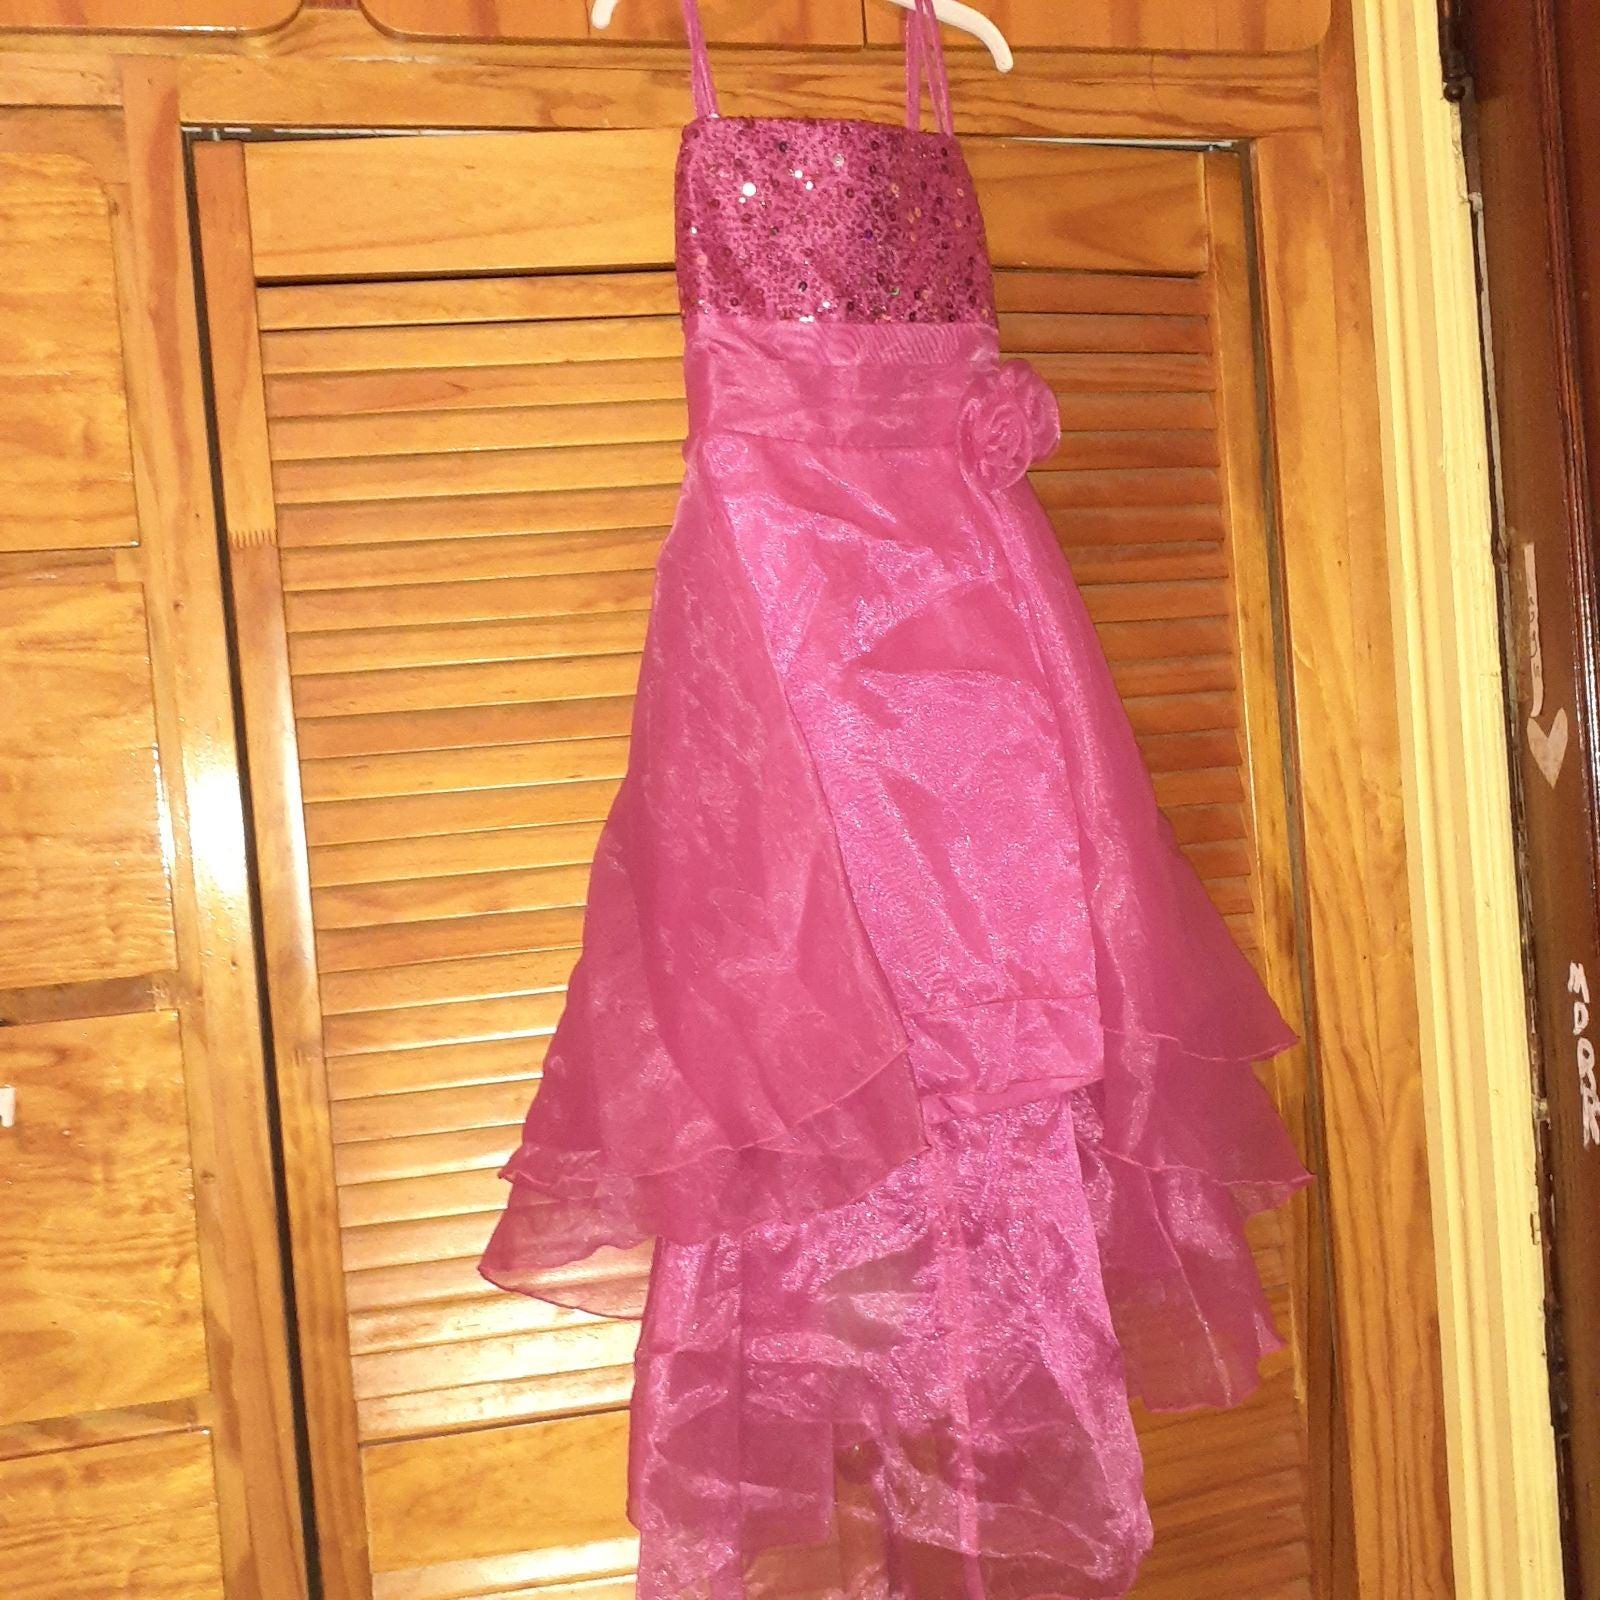 A kids dress